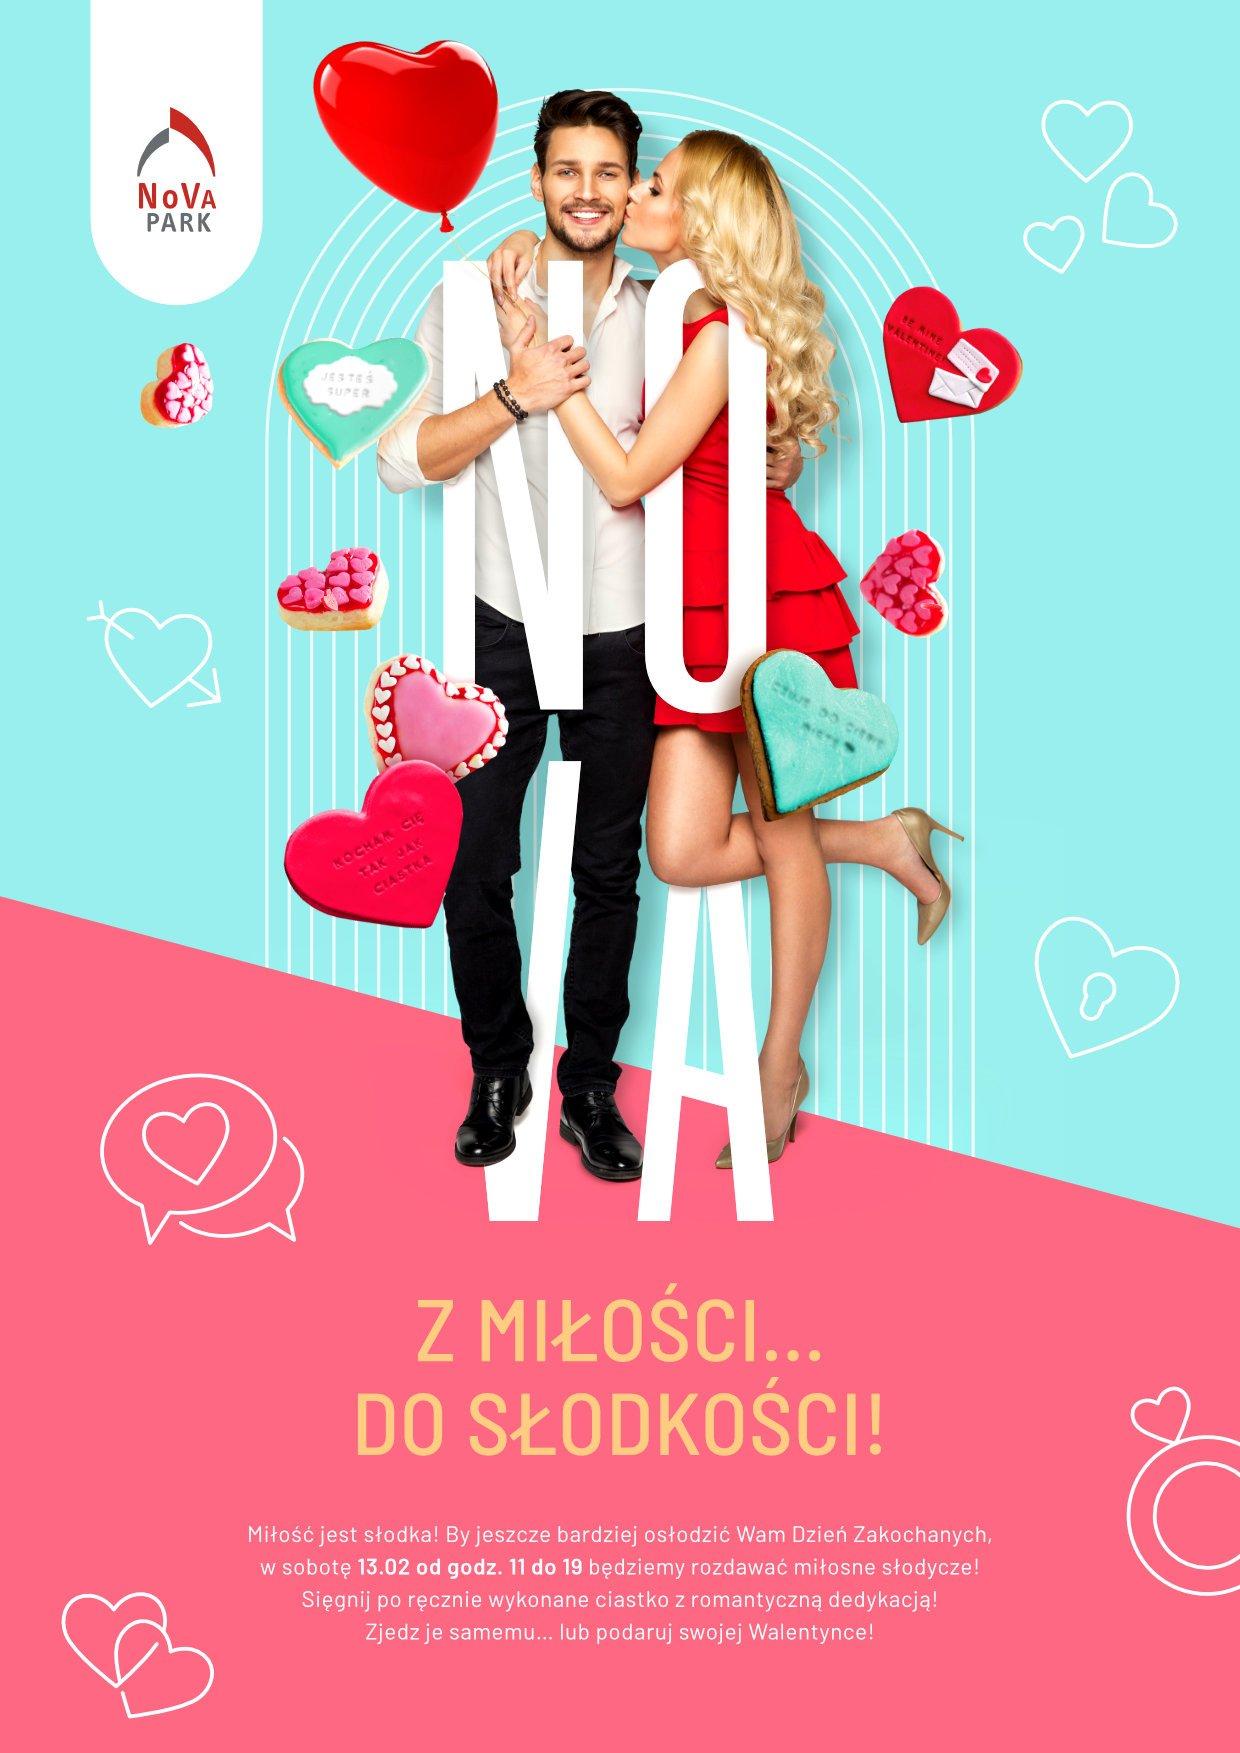 Miłosne słodycze na Walentynki od NoVa Park